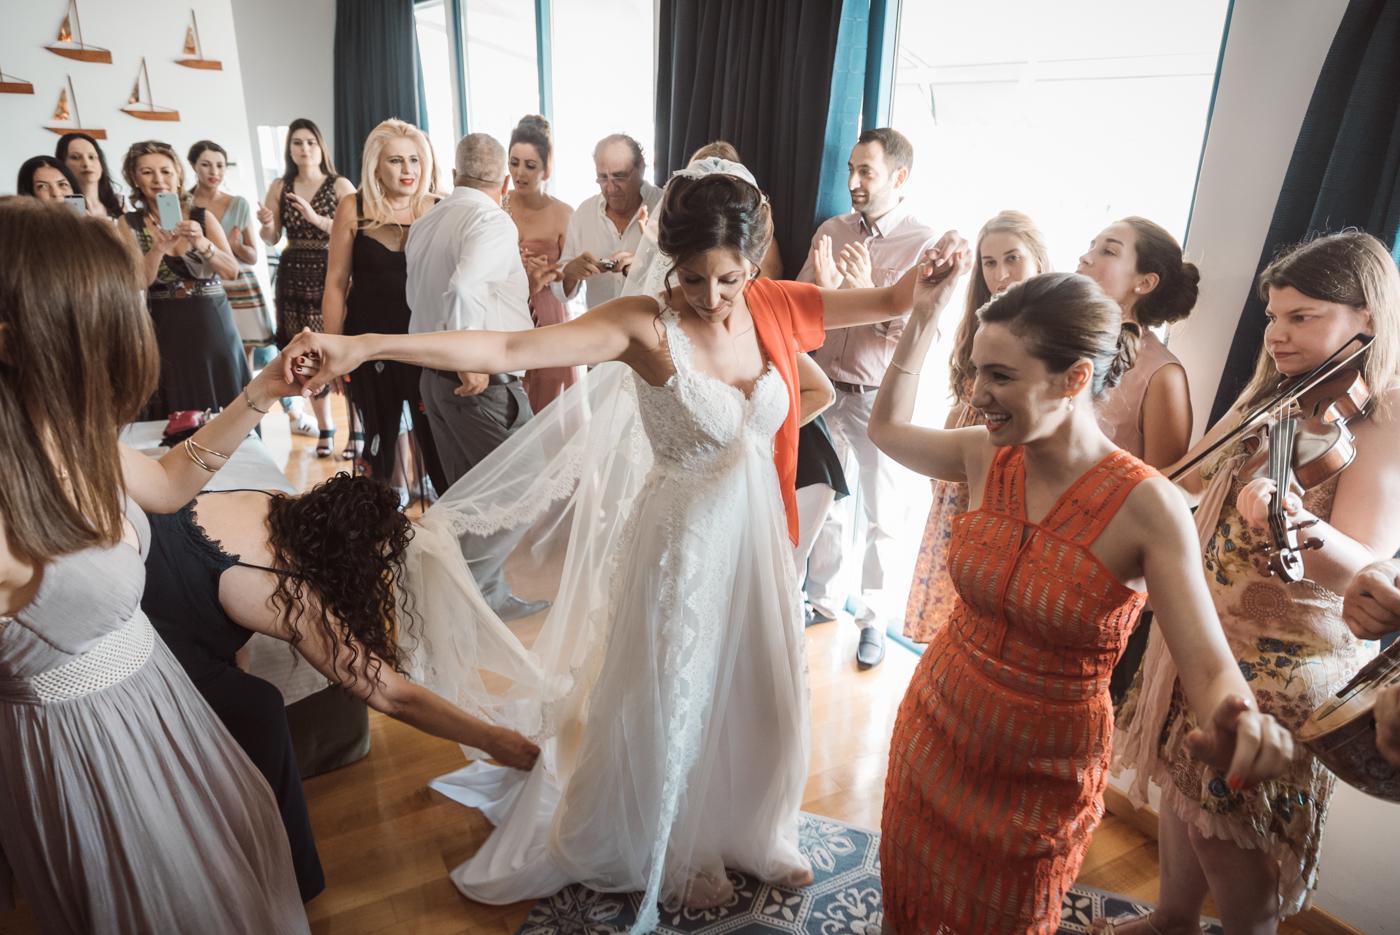 κυπριακός γάμος στην Αθήνα